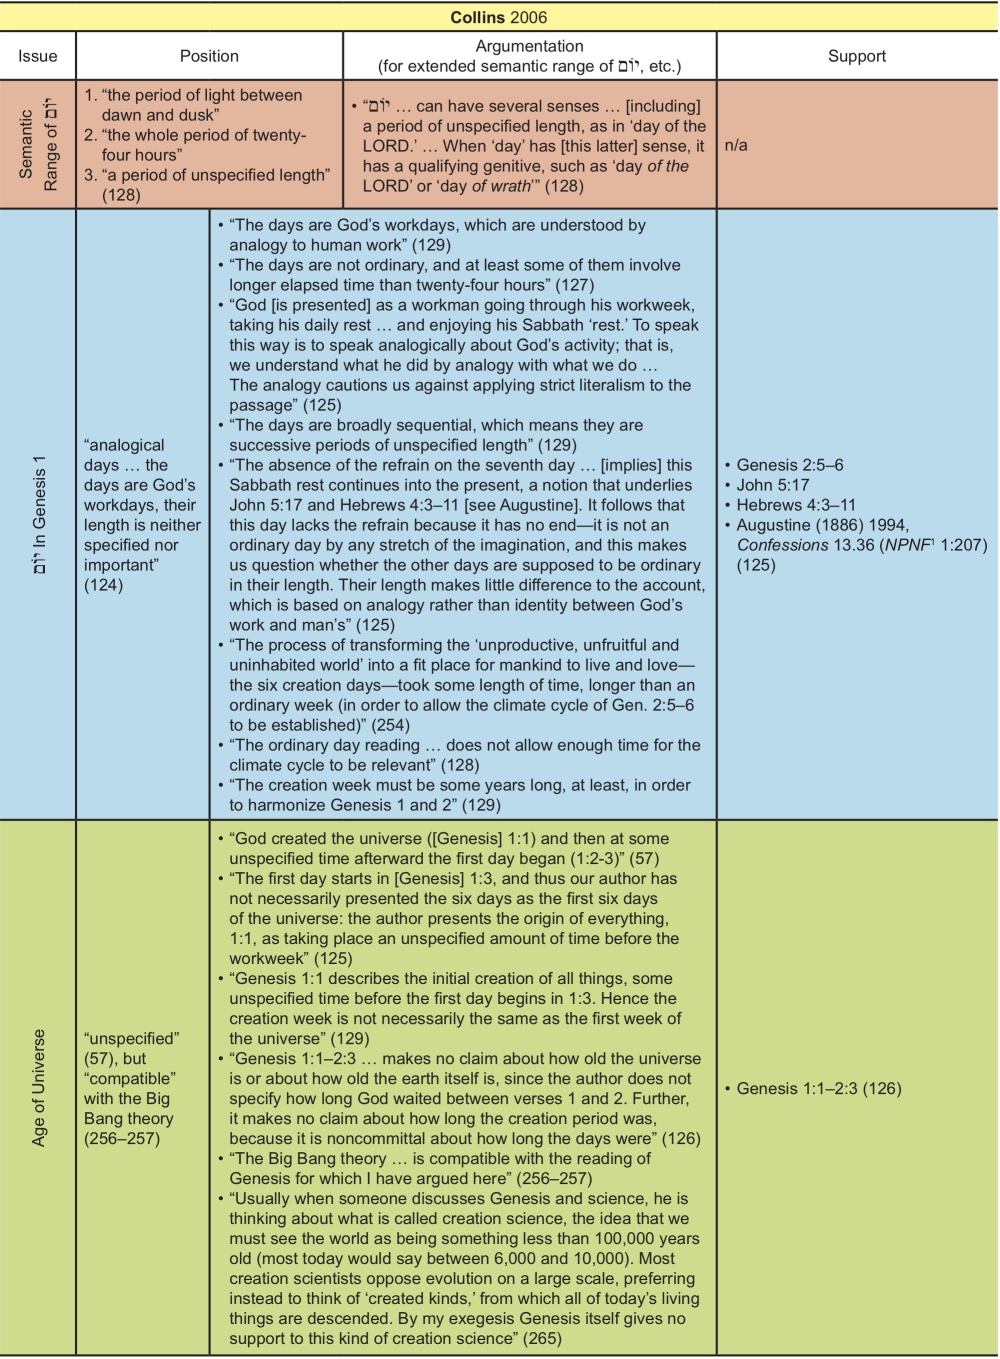 Appendix Table 5